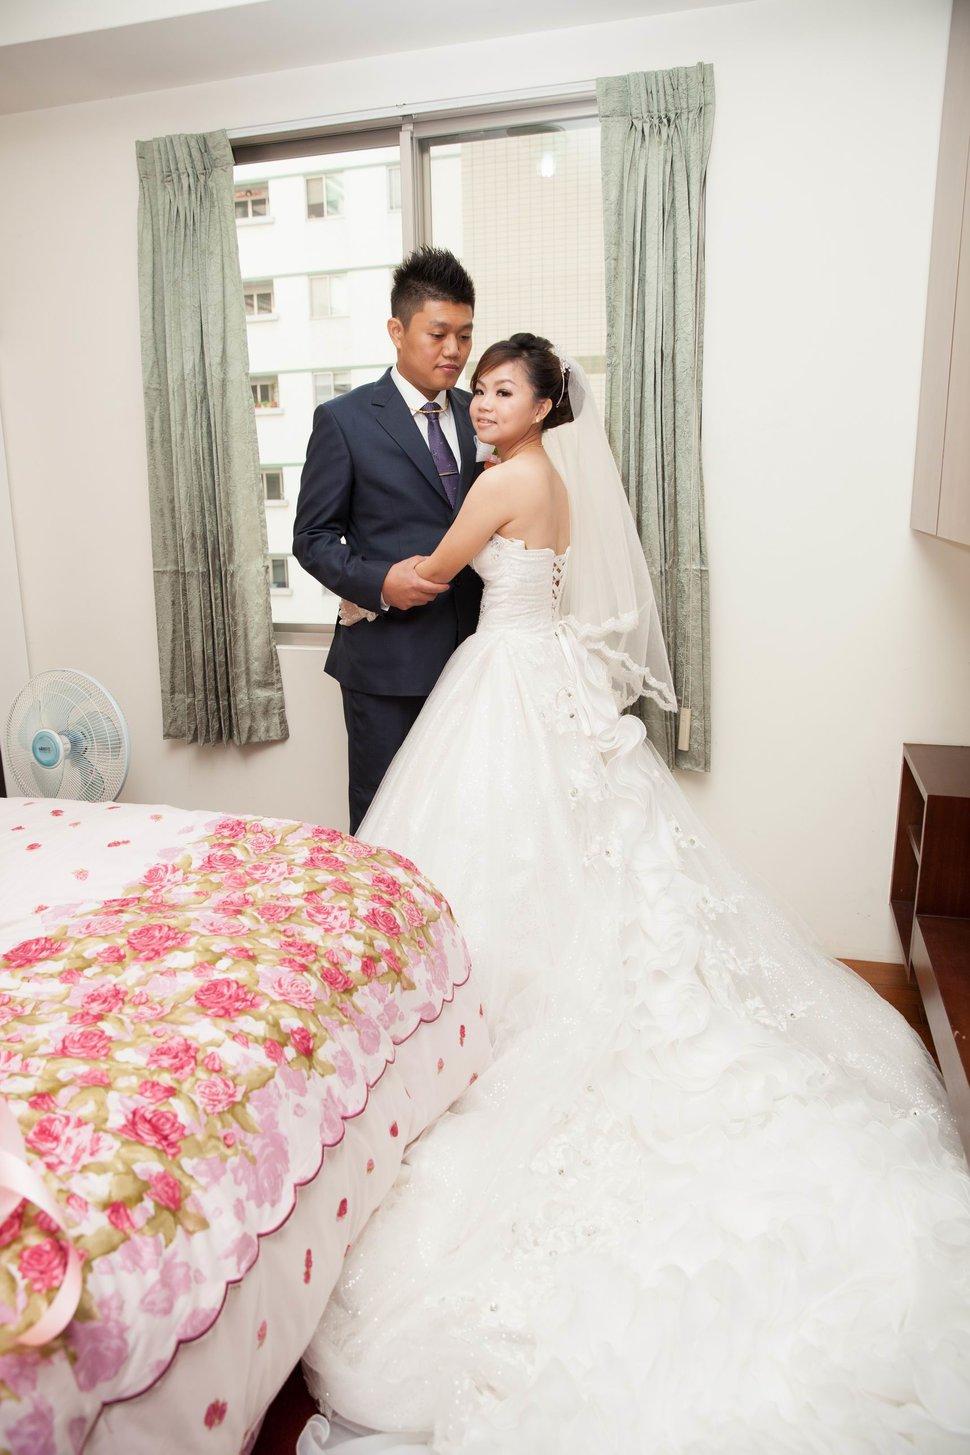 結婚迎娶午宴東達極品美饌結婚迎娶婚禮記錄動態微電影錄影專業錄影(編號:194134) - 蜜月拍照10800錄影12800攝影團隊 - 結婚吧